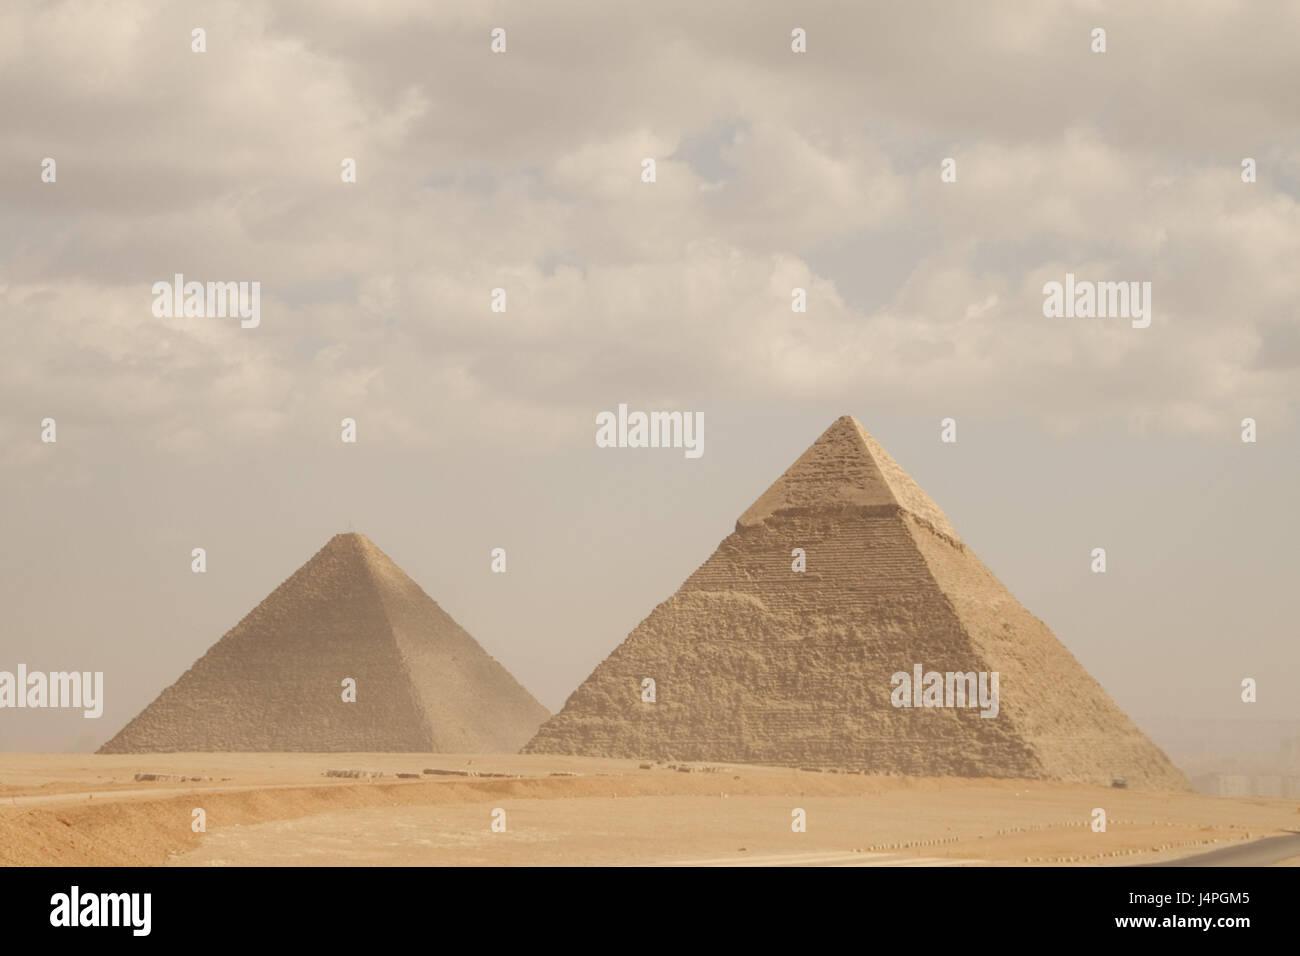 Ägypten, Wüste, Pyramiden, niemand, Afrika, Kairo, Orte von Interesse, Ausflug, Tourismus, Himmel, Wolken, Stockbild